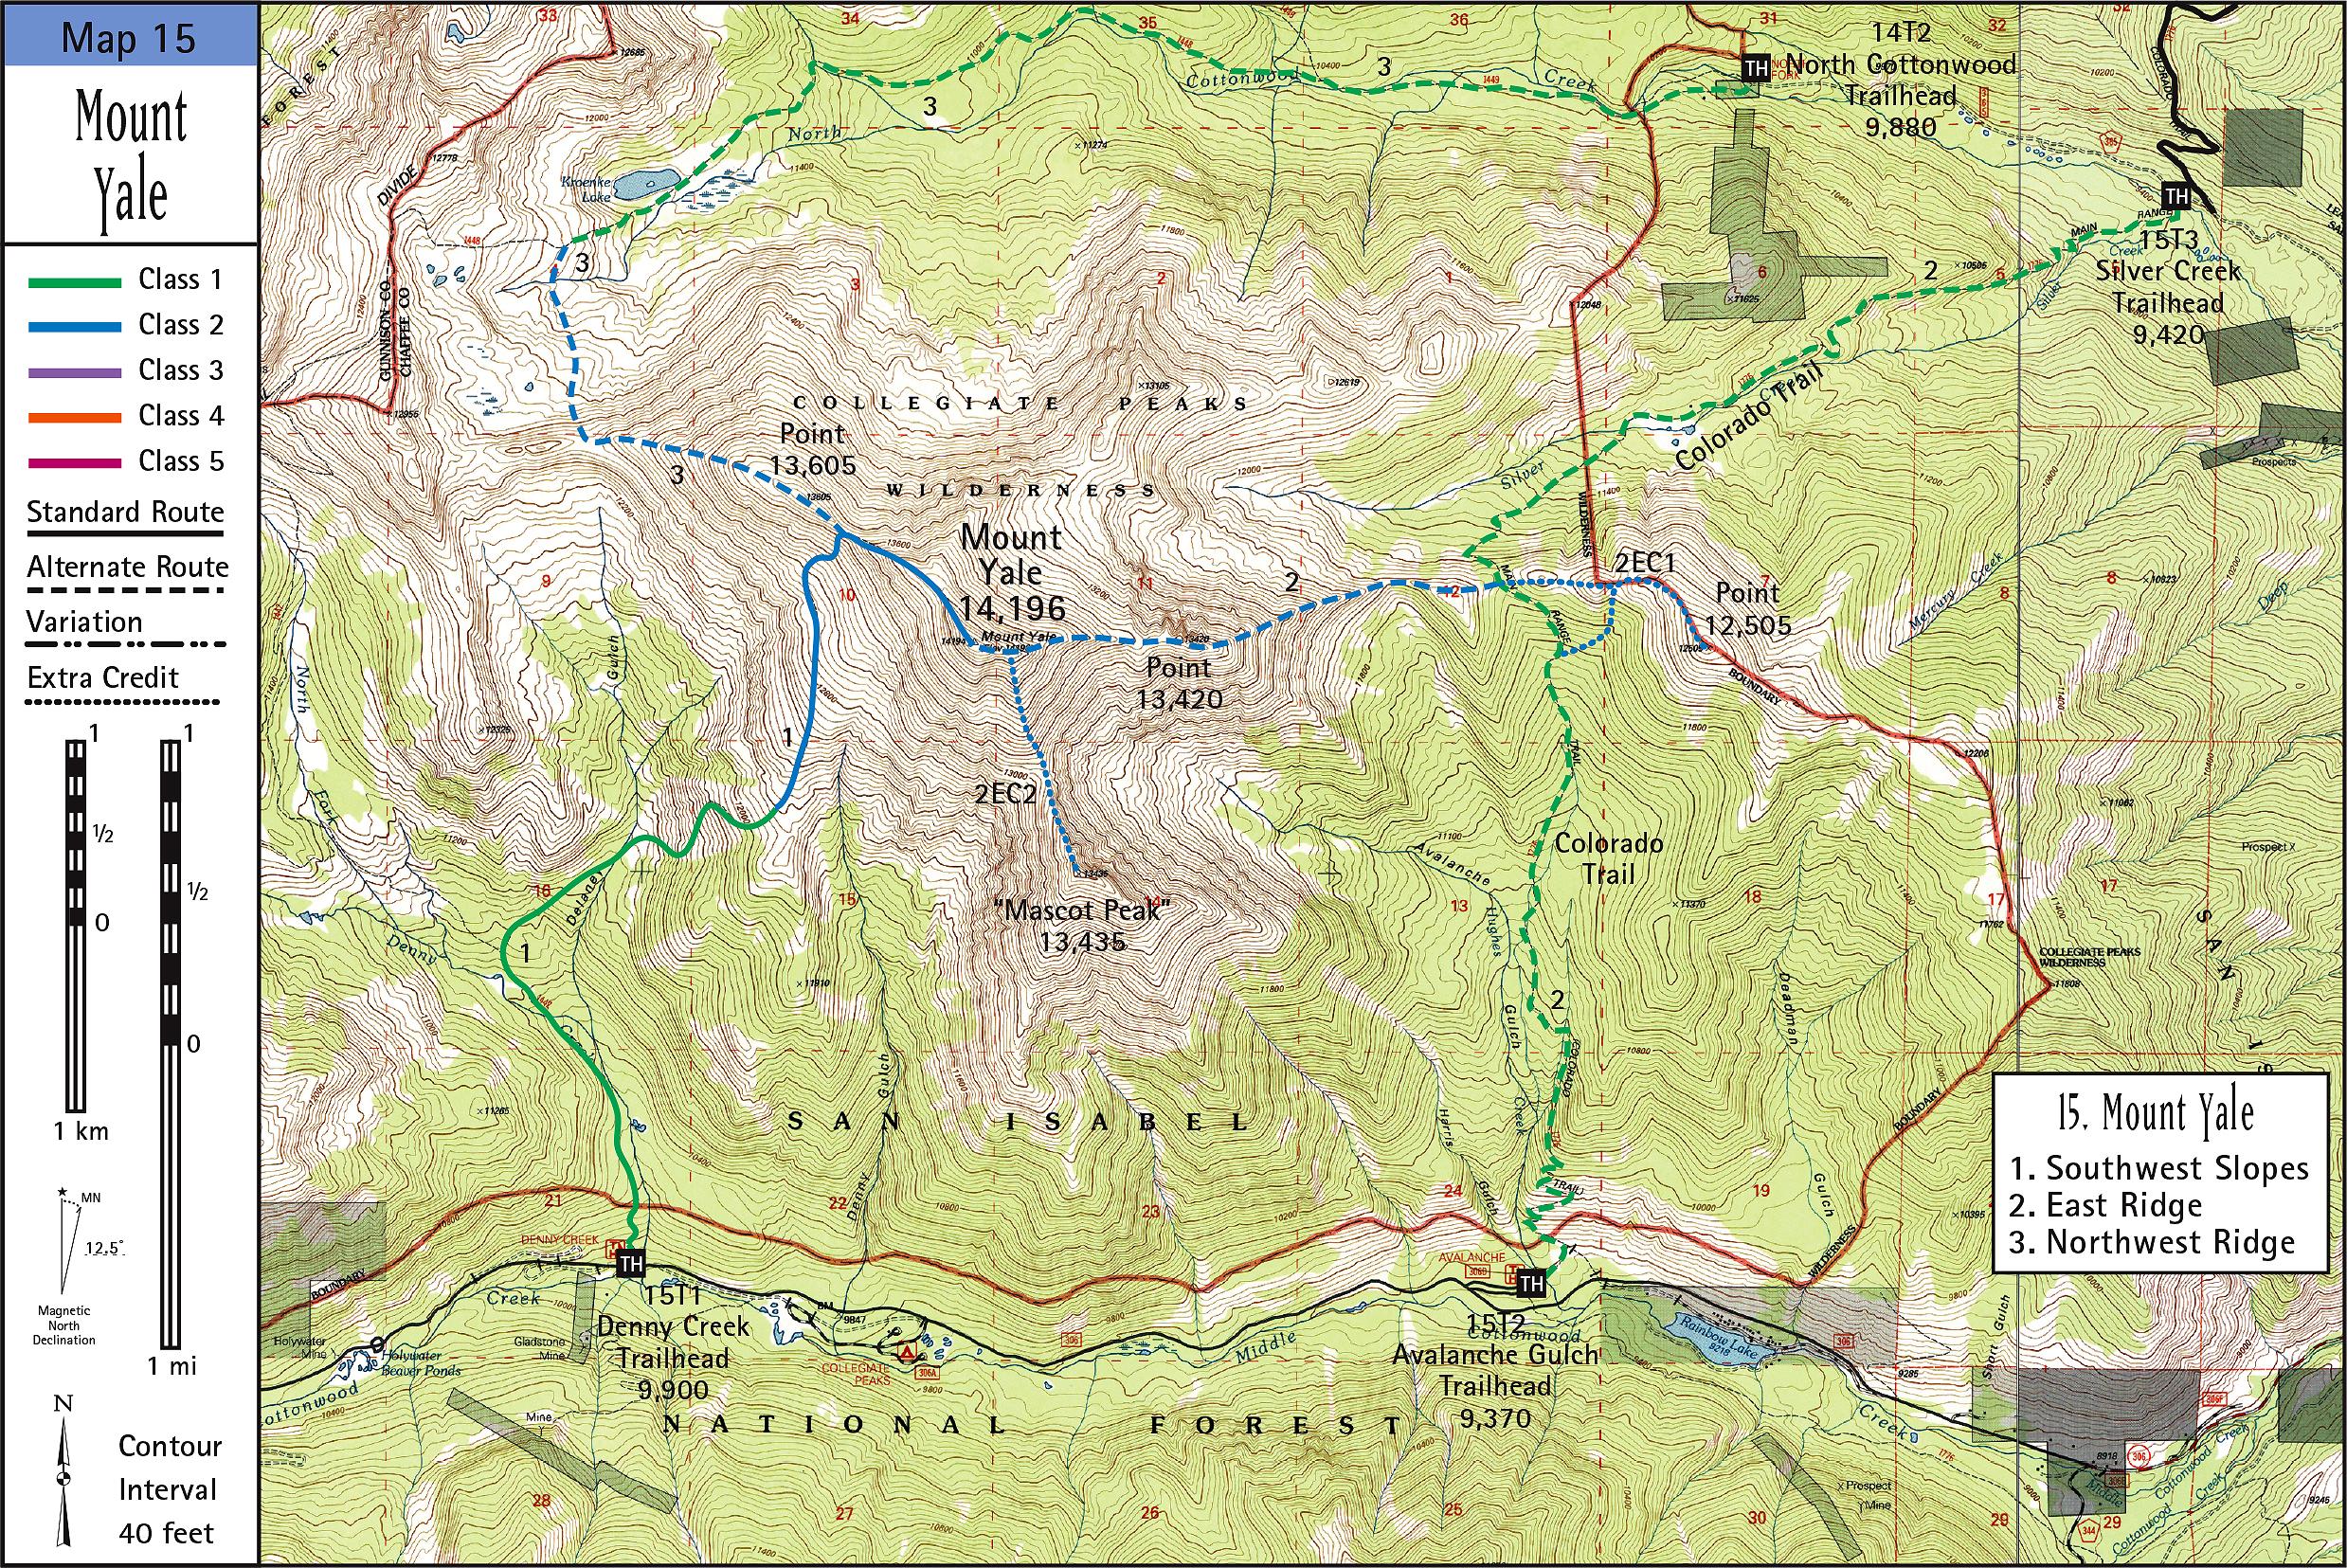 Mount Yale Map